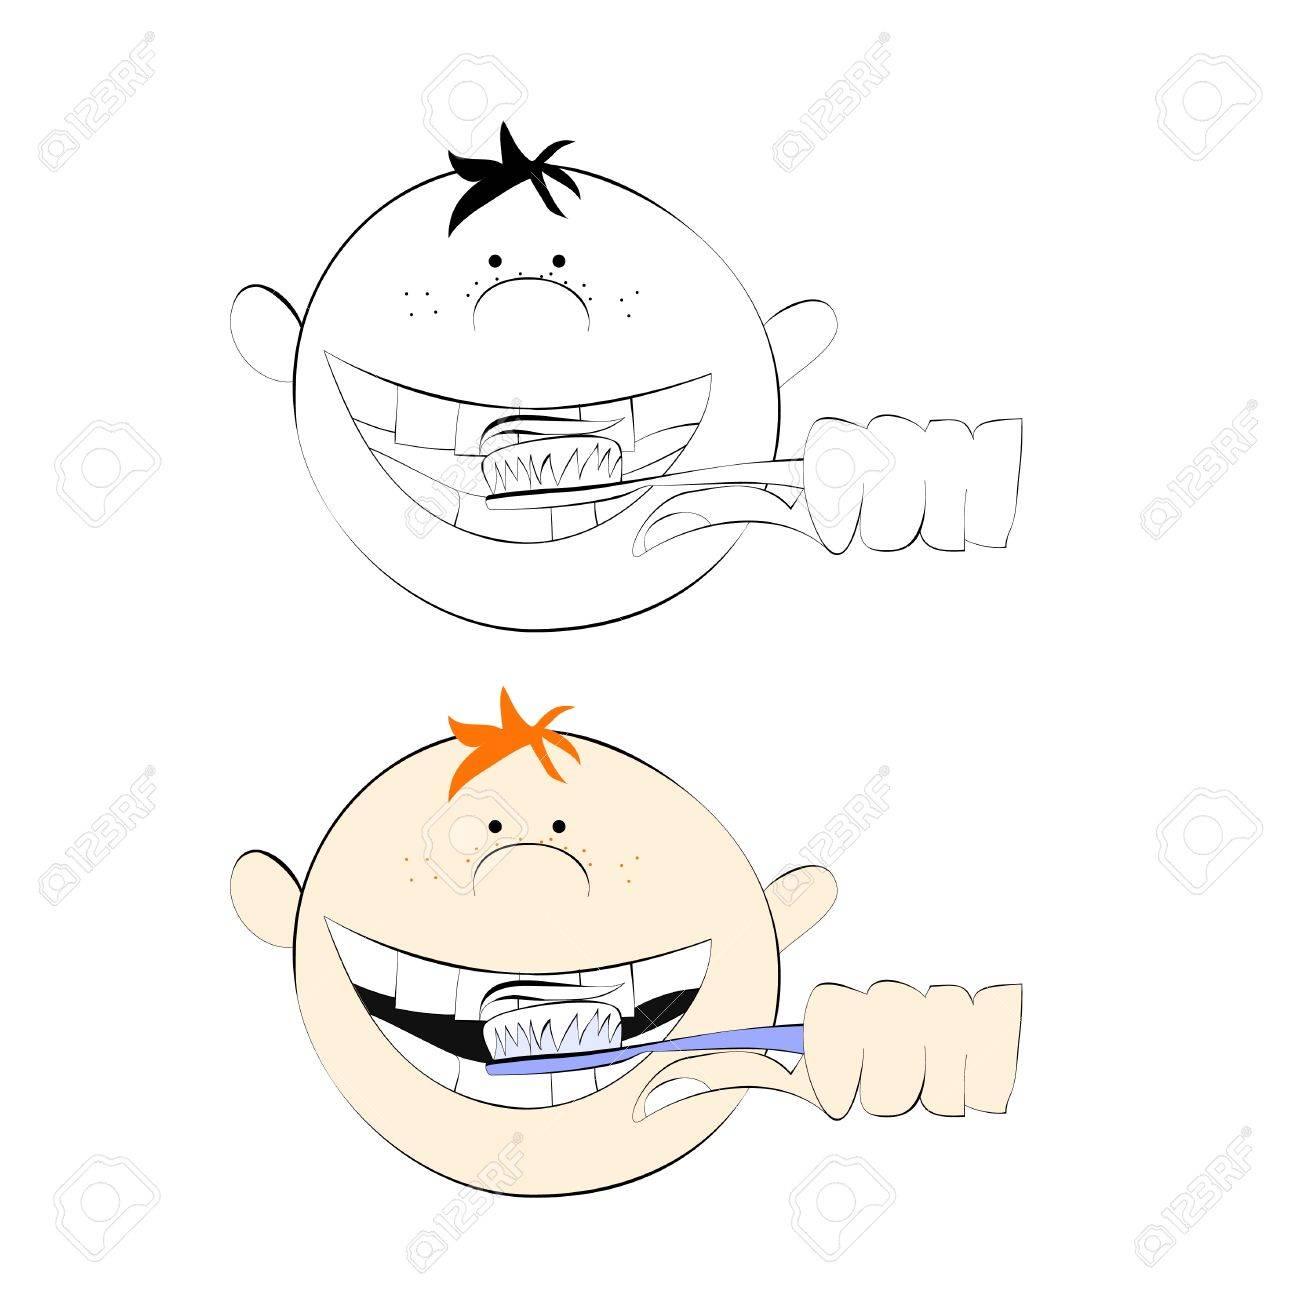 Boy brushing his teeth Stock Vector - 8959631